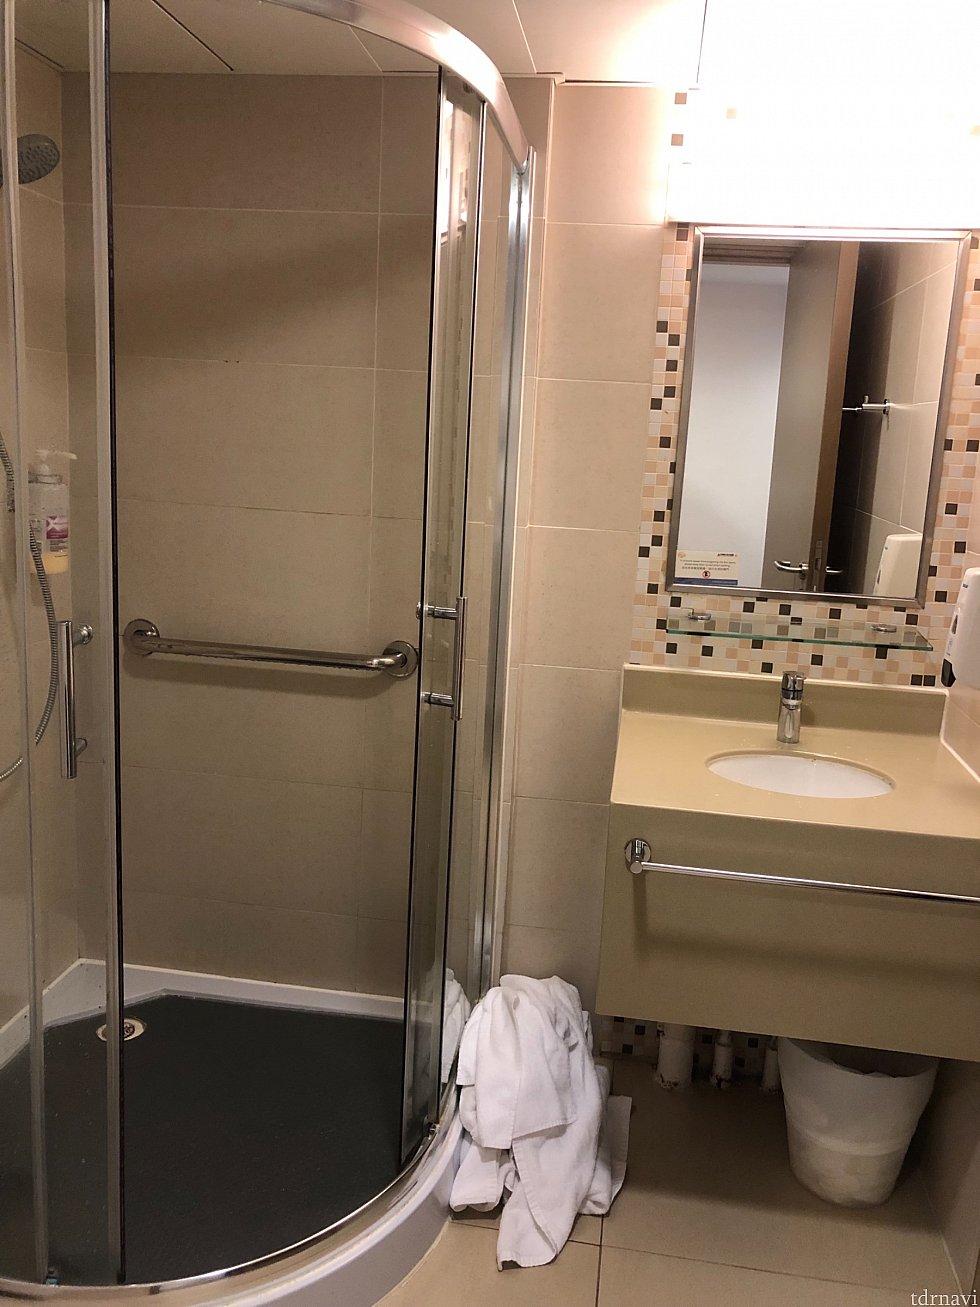 洗面所です。ハンドソープとフェイスタオルはありますがそれ以外はないです。